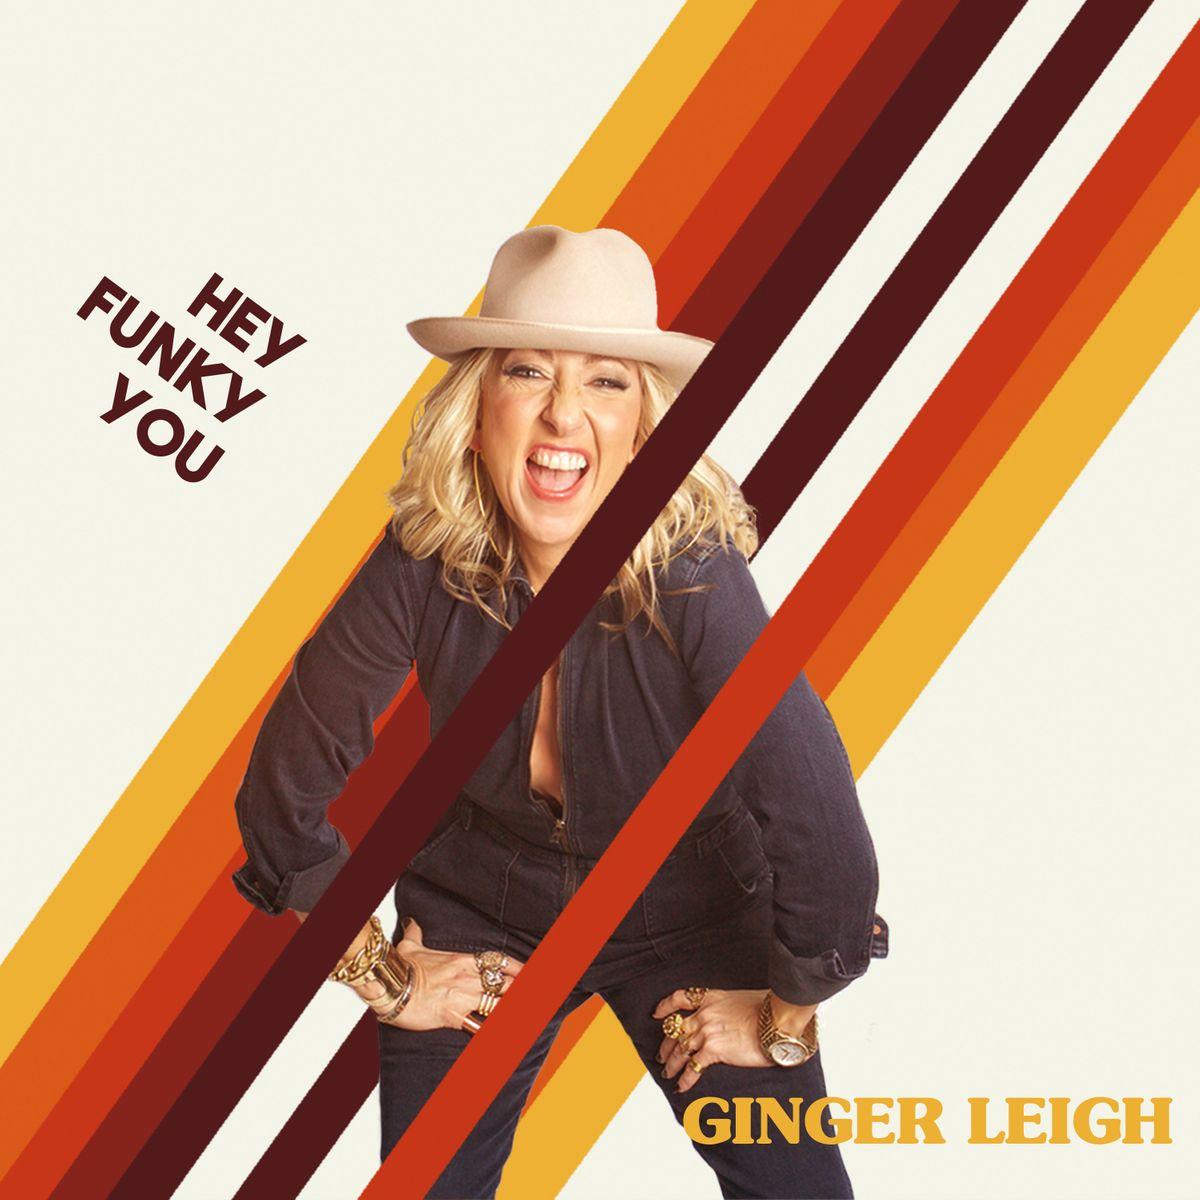 Ginger_Leigh_CD_Cover_Only.jpg